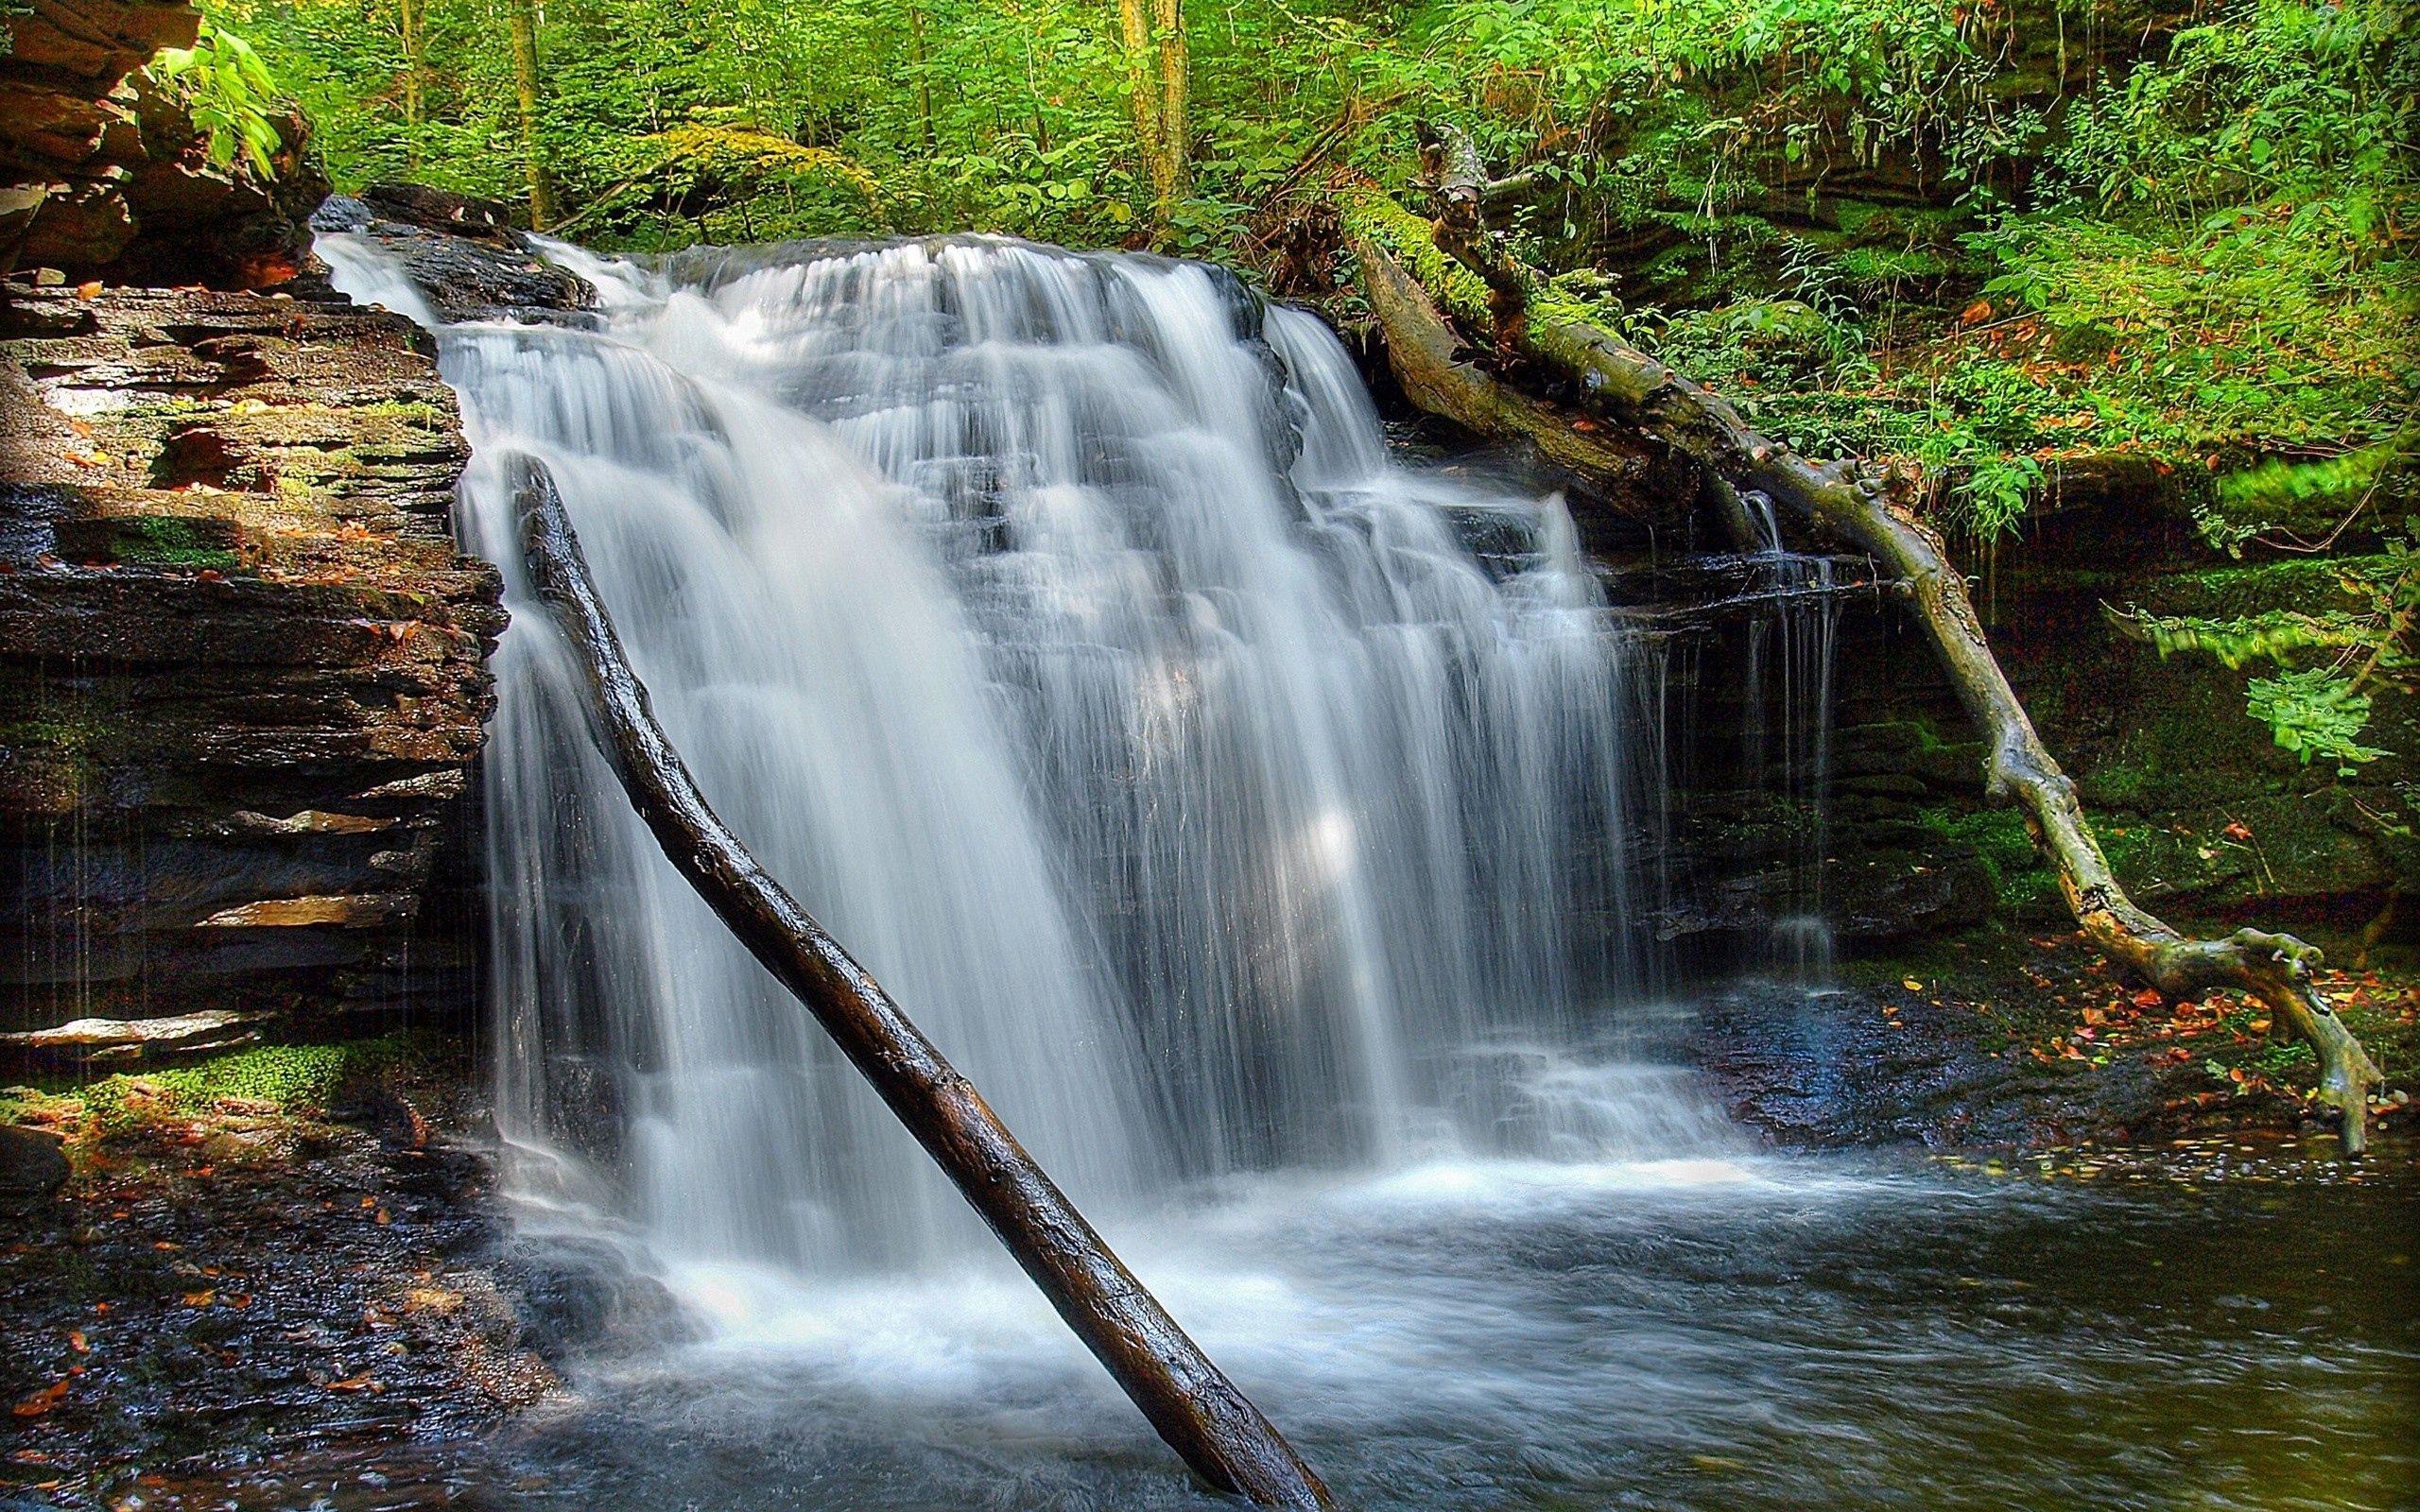 130446 Заставки и Обои Река на телефон. Скачать Водопад, Река, Природа, Трава, Мох картинки бесплатно